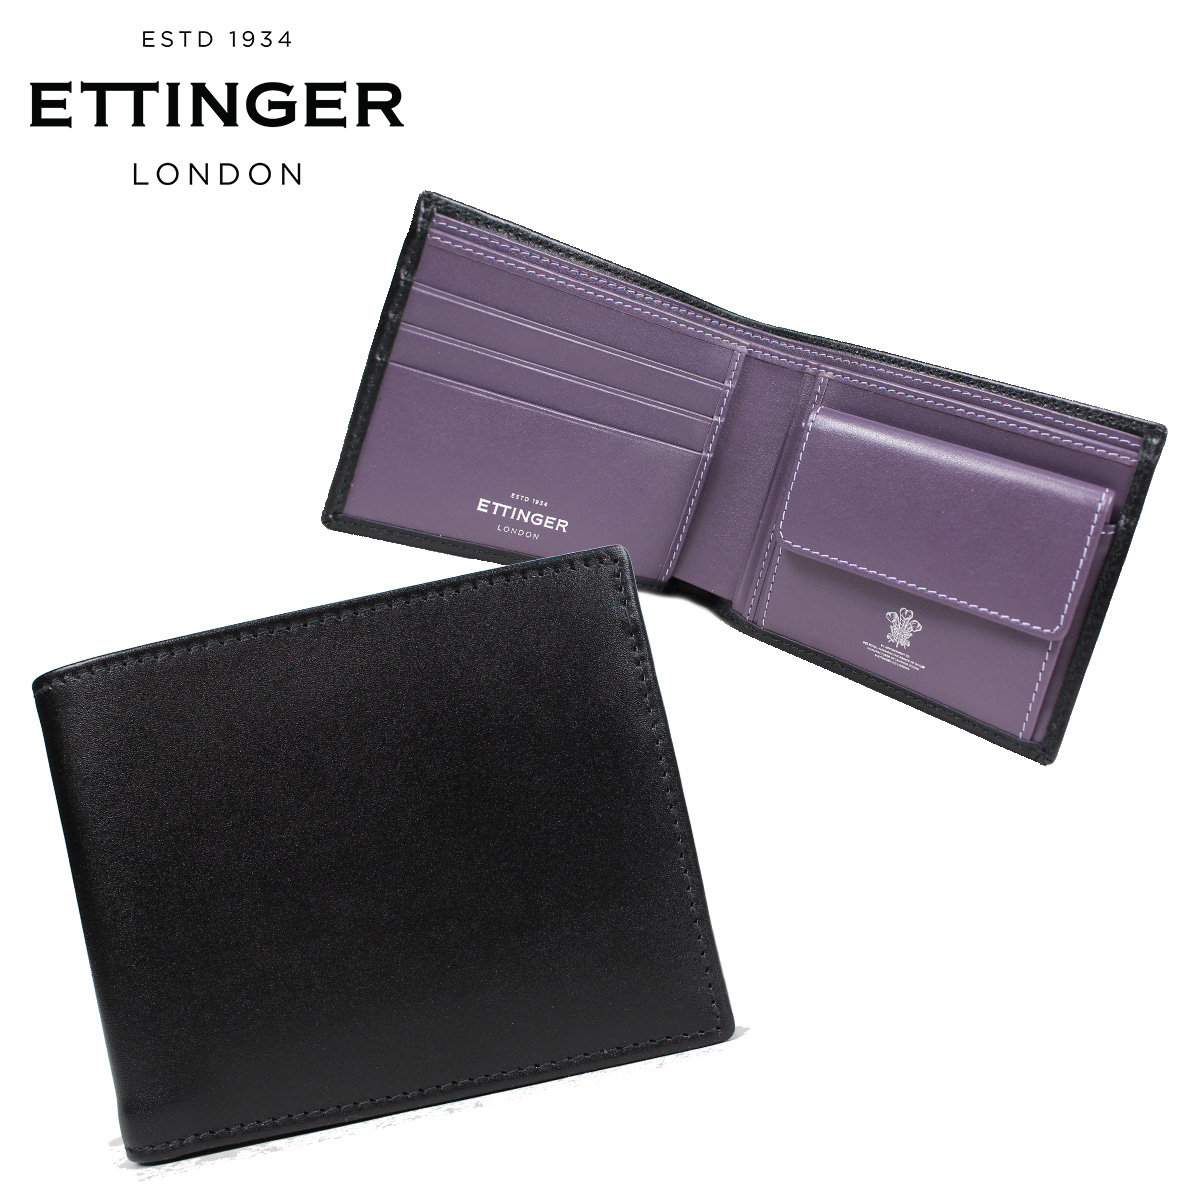 ETTINGER エッティンガー 財布 二つ折り メンズ レザー STERLING BILLFOLD WITH 3 C/C & PURSE ブラック 黒 ST141JR [3/12 再入荷]